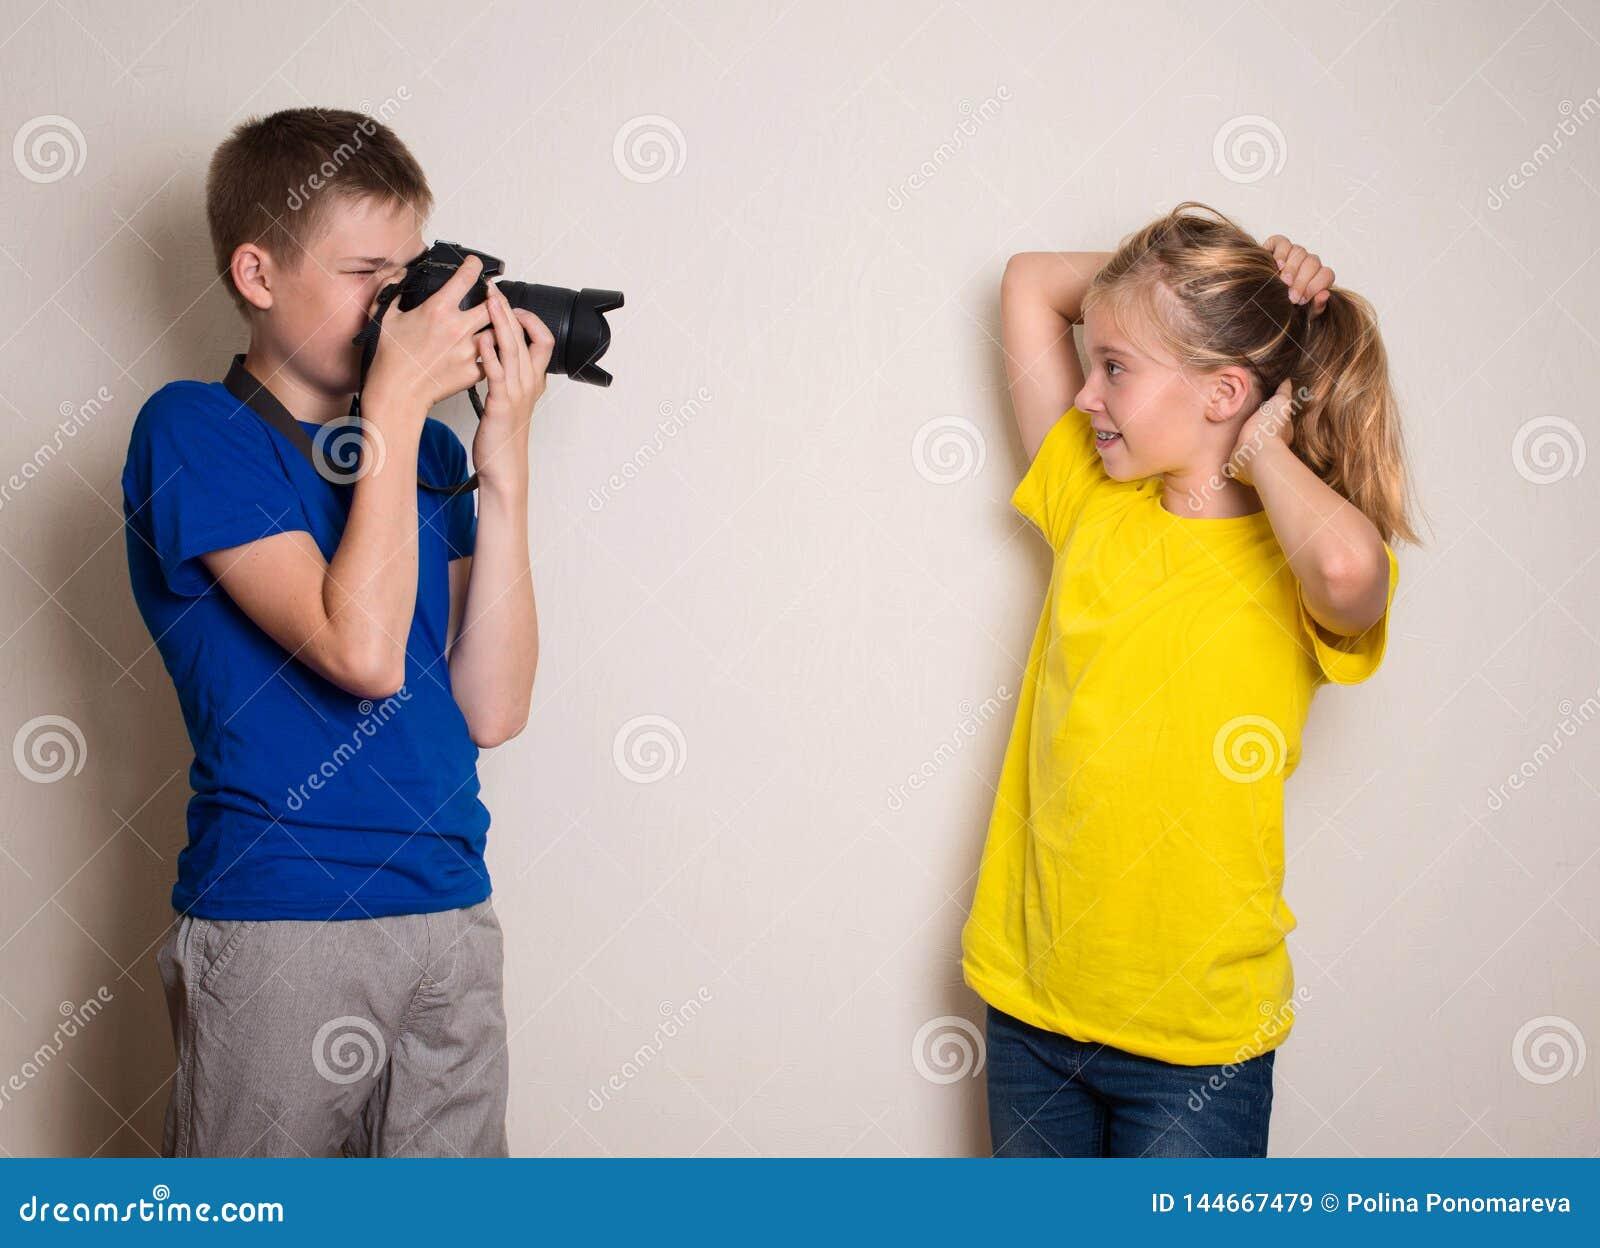 Δύο καλύτεροι φίλοι teens που κάνουν τη φωτογραφία στη κάμερα τους στο σπ